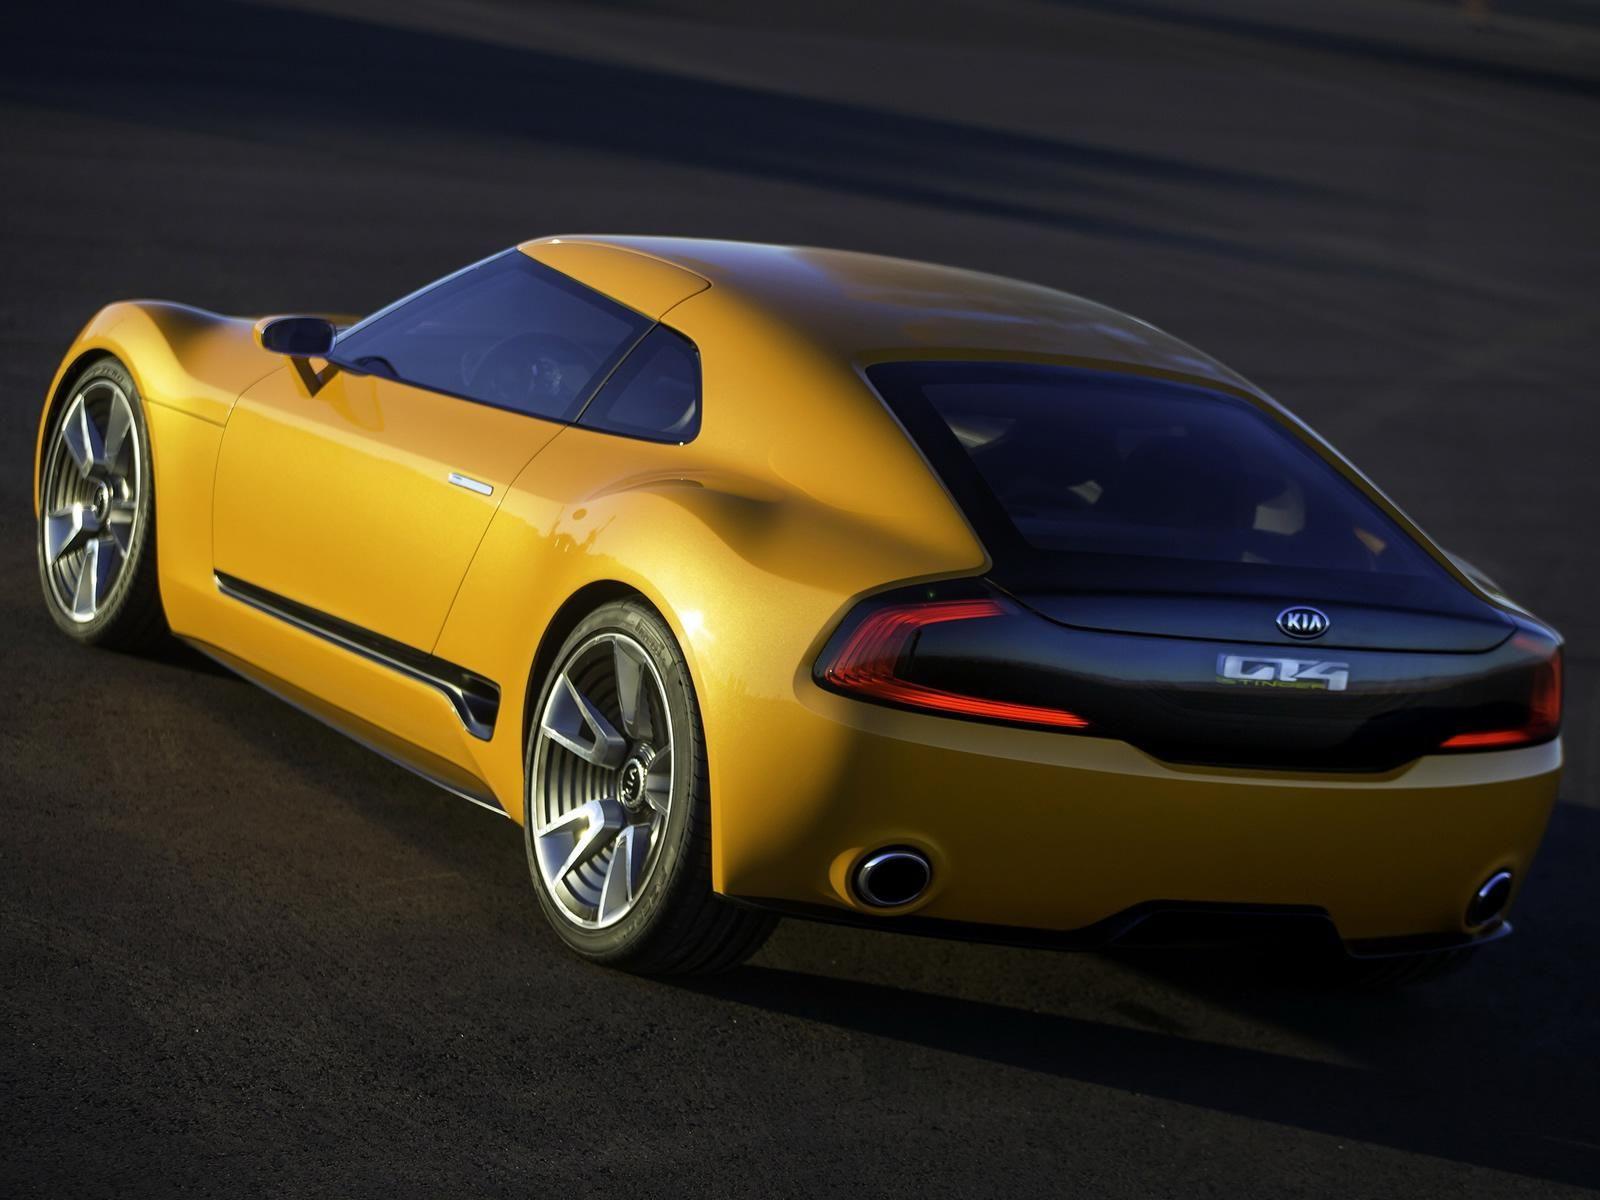 Kia Gt4 Stinger Concept The Kia Genesis Coupe Coming Now Kia